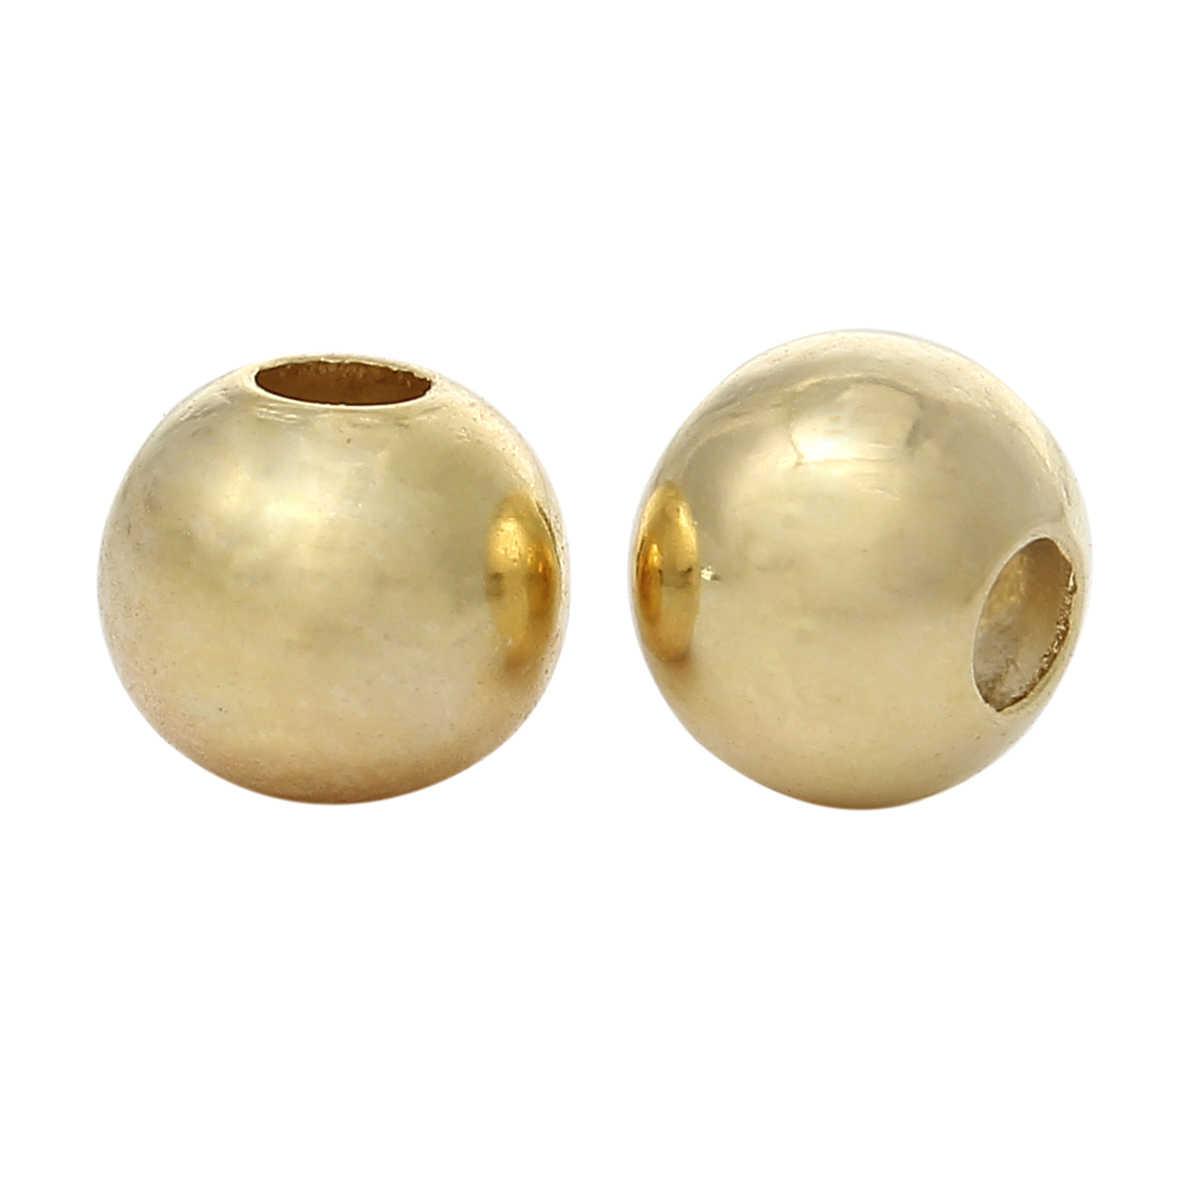 """Cuentas espaciadoras de cobre Color dorado alrededor de 3mm (1/8 """") diámetro, agujero: aprox. 1mm, 15 Uds. Nuevo"""